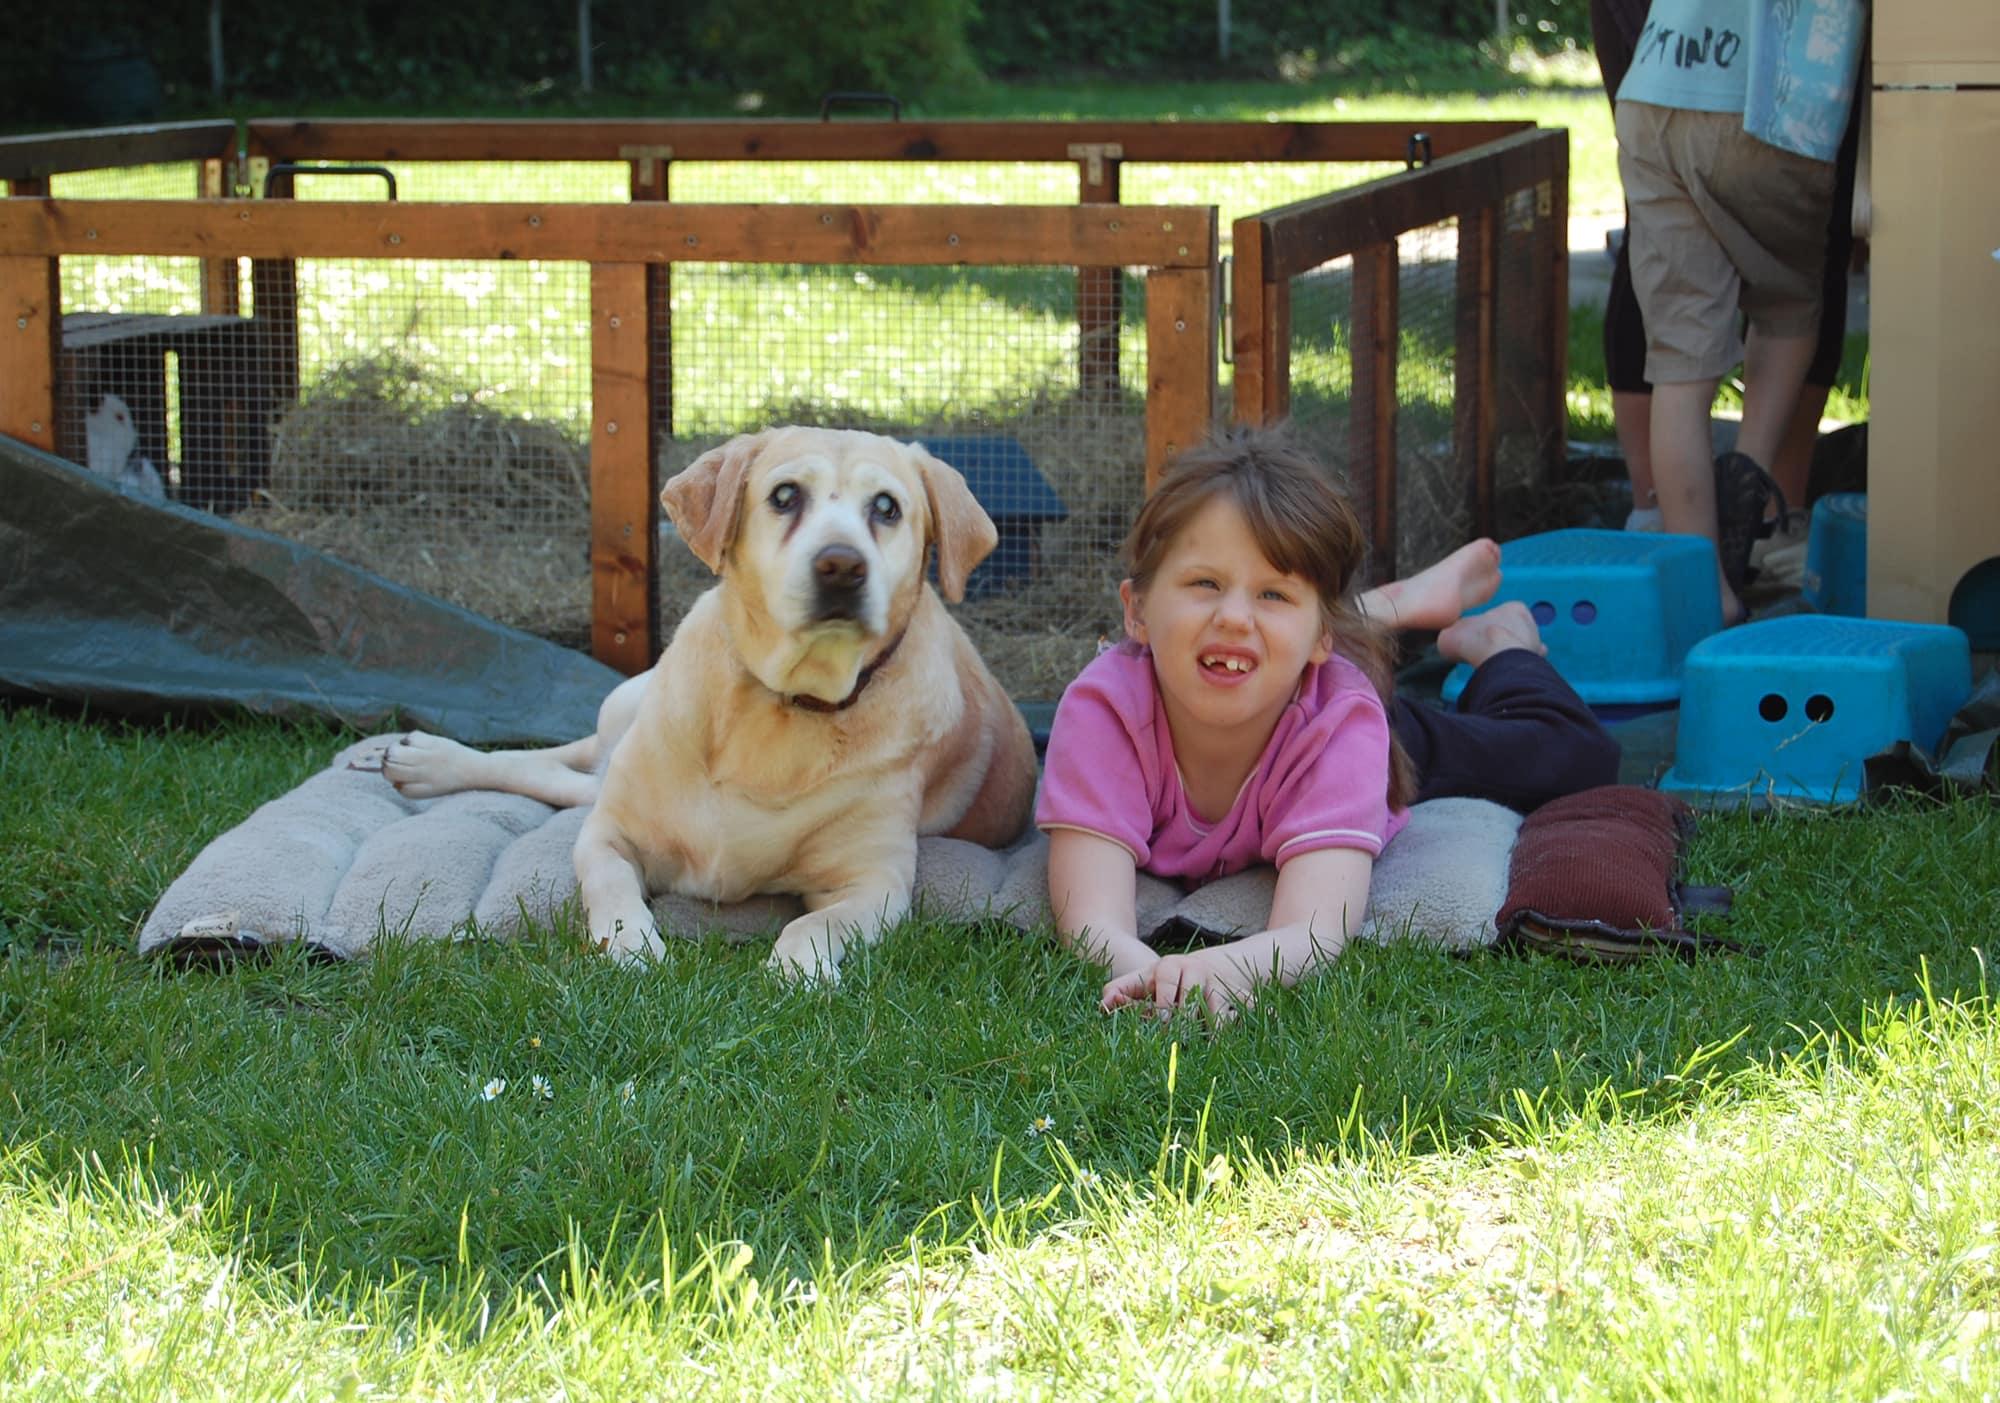 Mädchen liegt neben einem Hund auf der Wiese